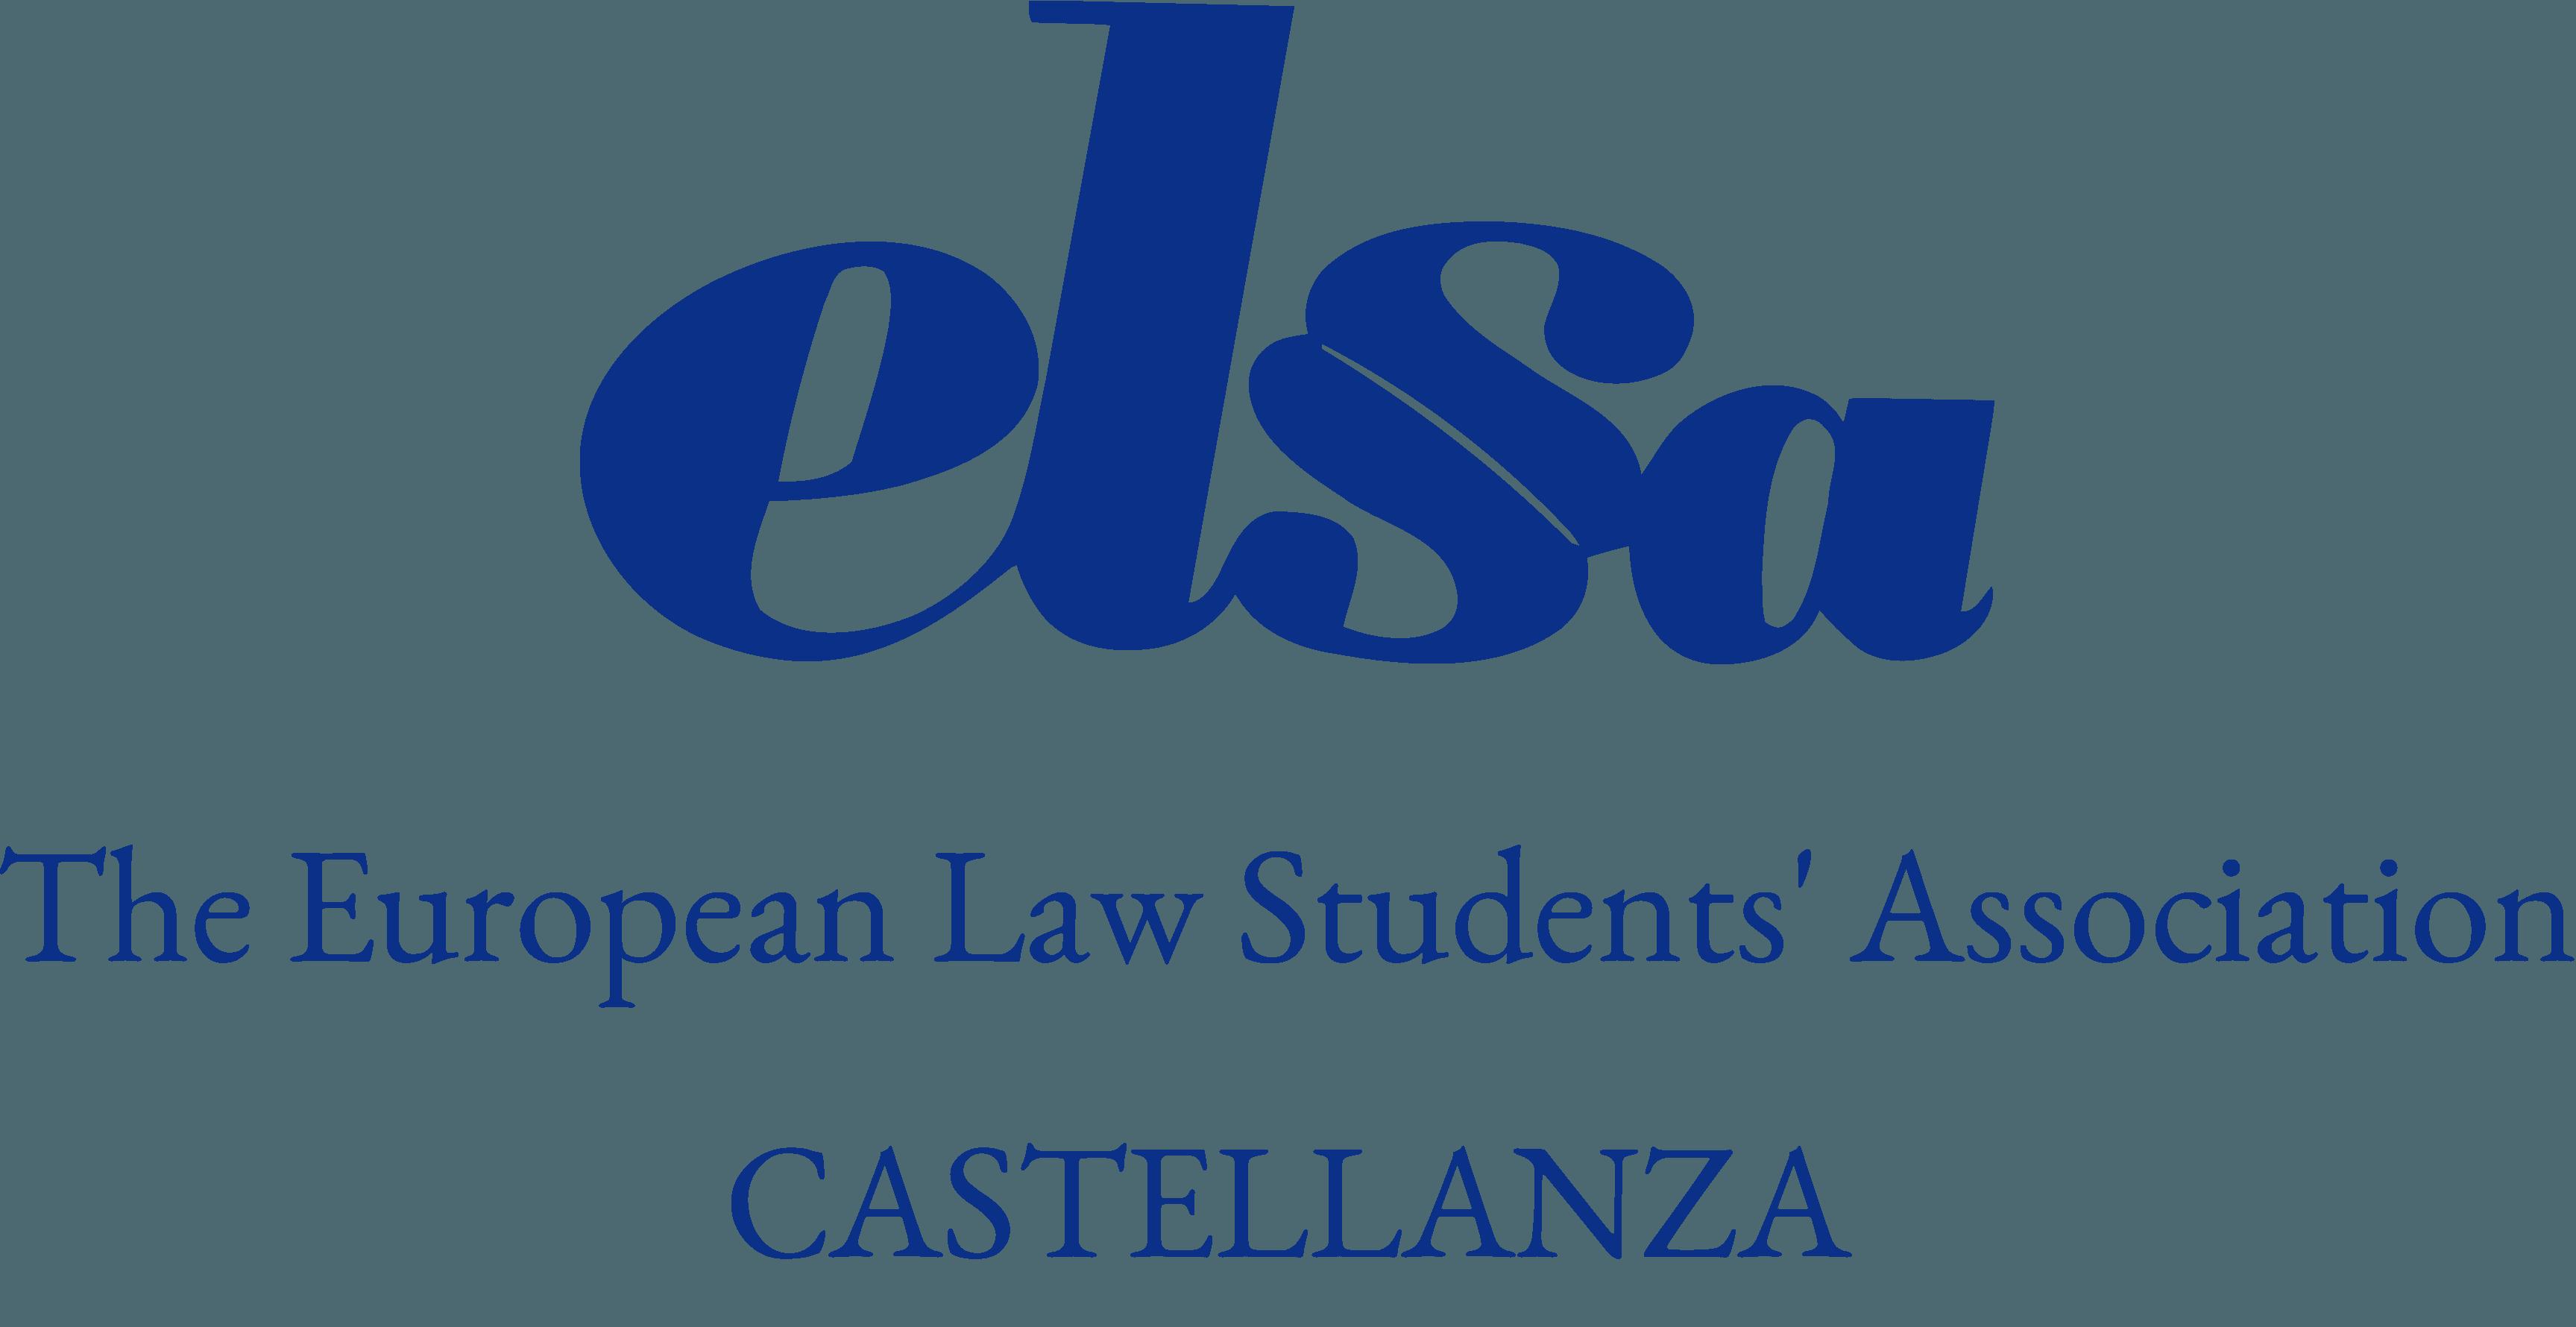 ELSA Castellanza